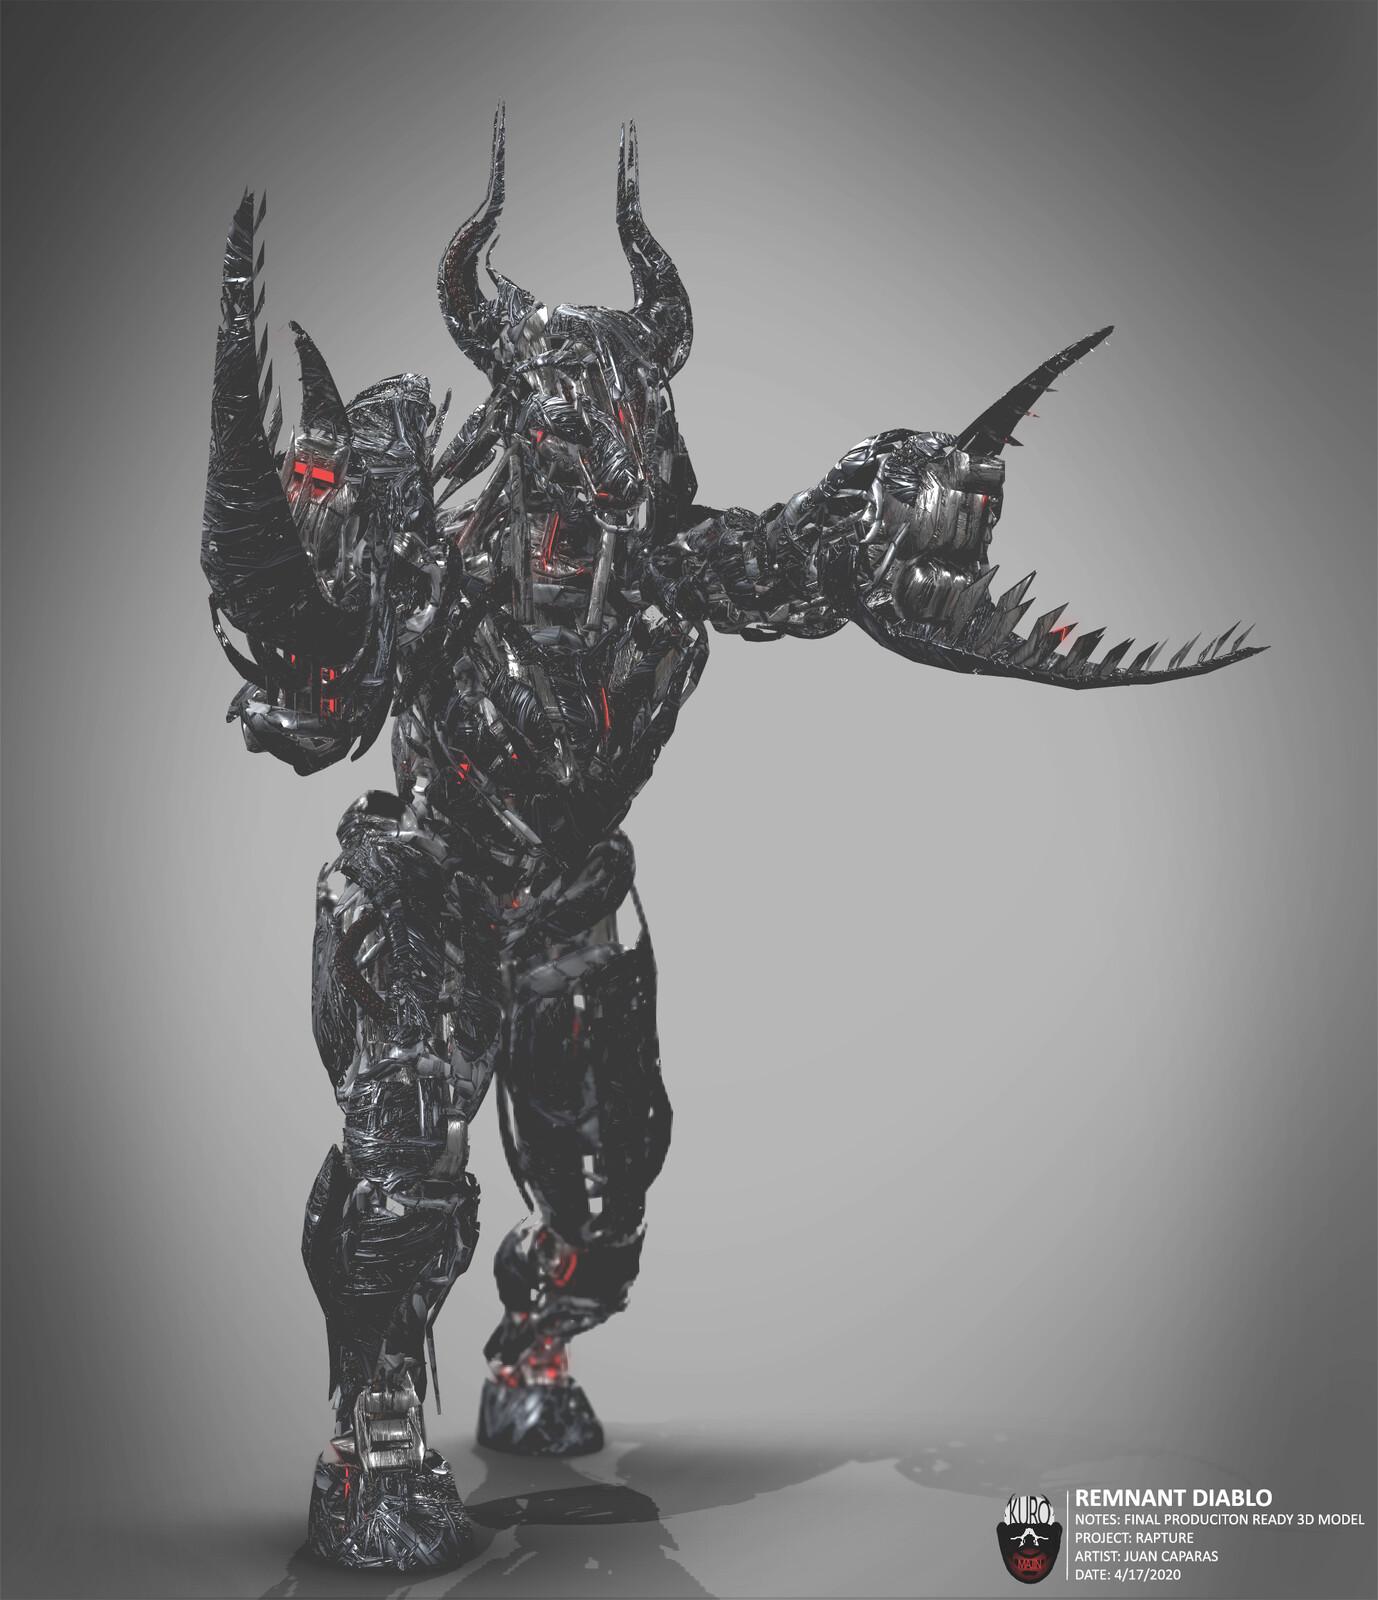 Remnant Diablo 3D Model | Kuro Majin Productions